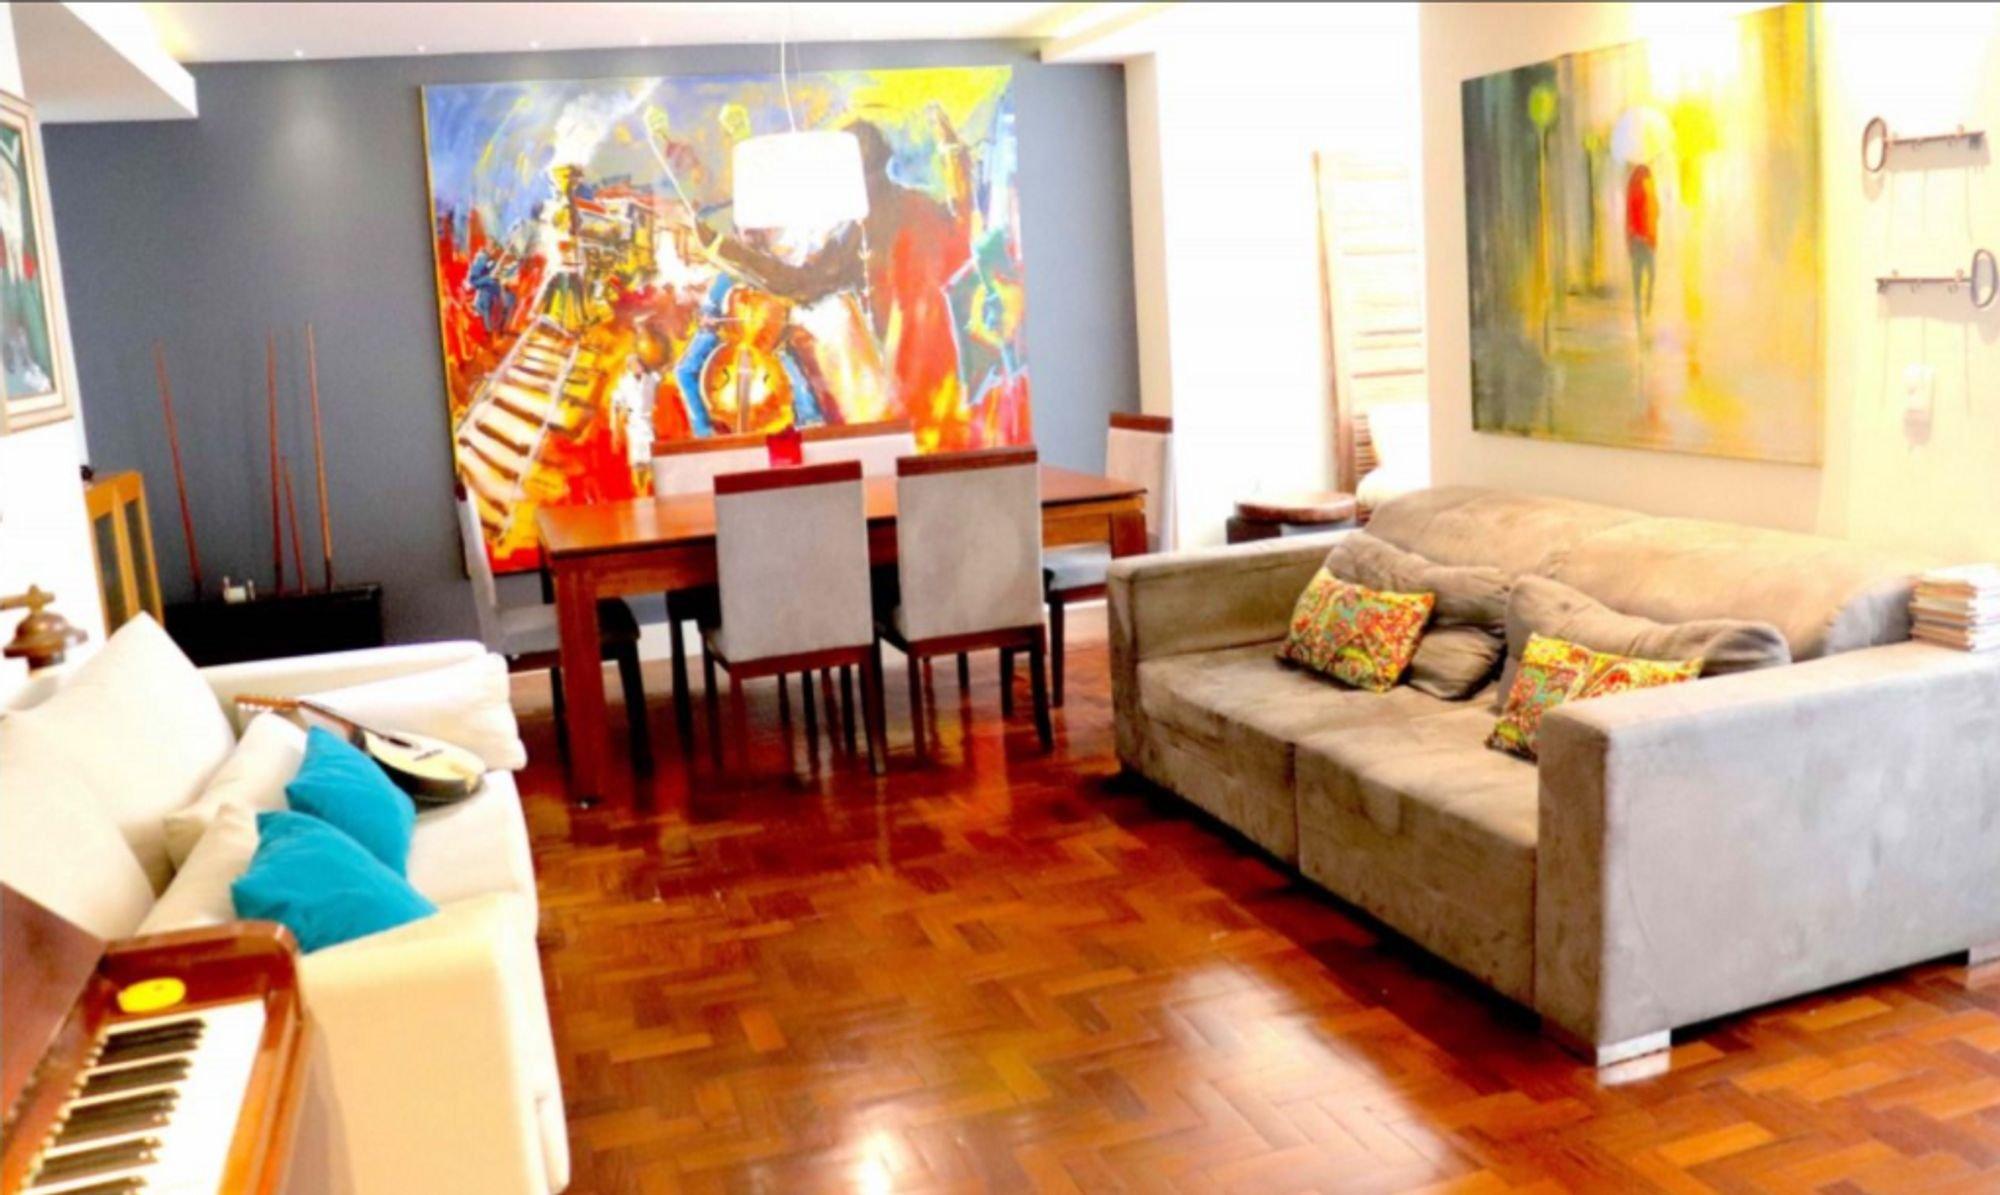 Foto de Sala com sofá, cadeira, mesa de jantar